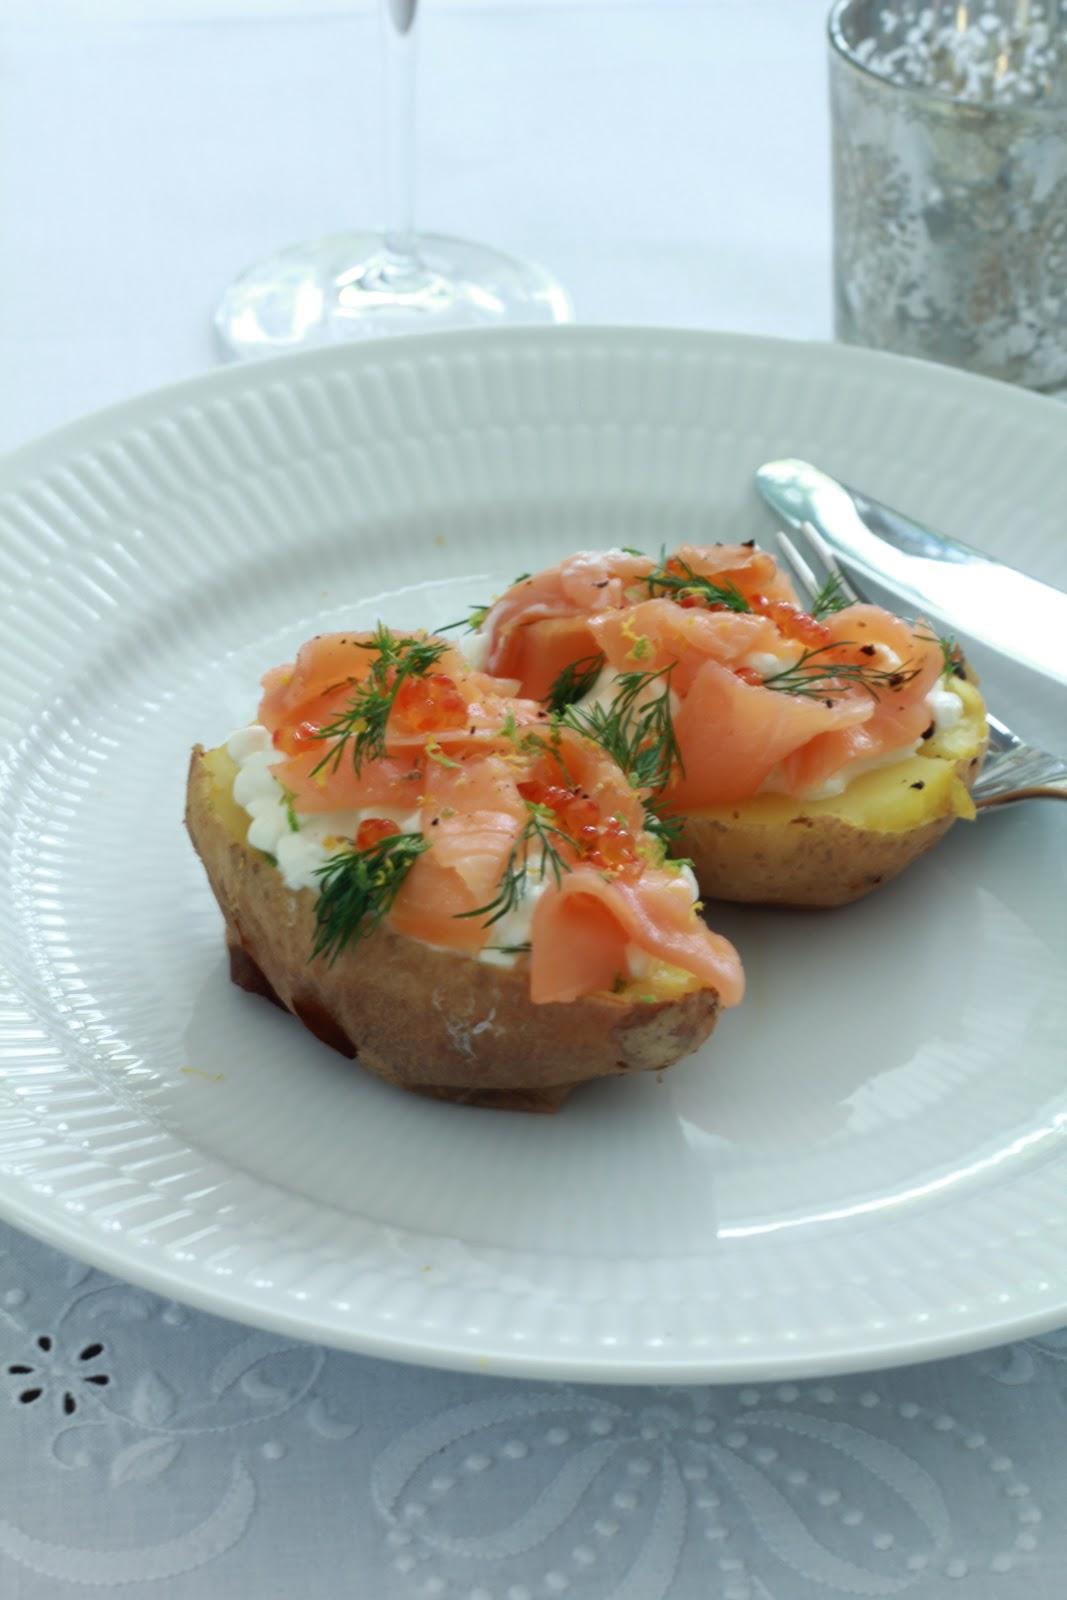 On dine chez nanou pomme de terre au four au saumon fum et cottage ou comment utiliser vos restes - Recette saumon au four avec pomme de terre ...